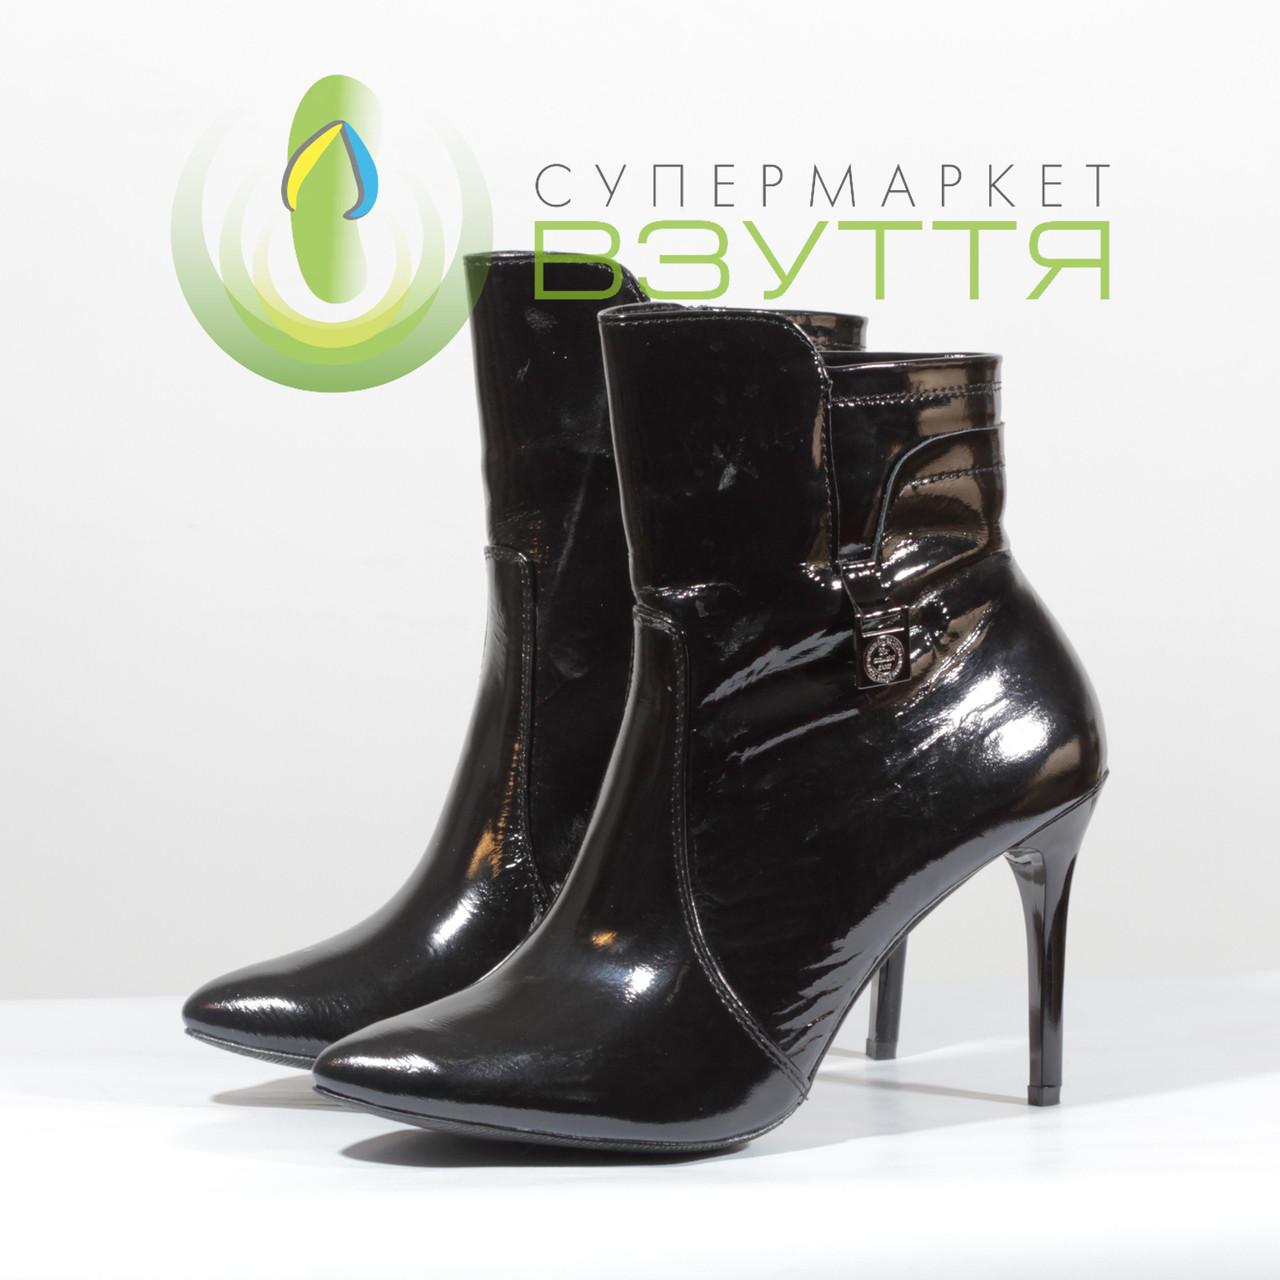 Женски демисезонные сапожки на высоком каблуке Topas art.7135 38-39 размеры